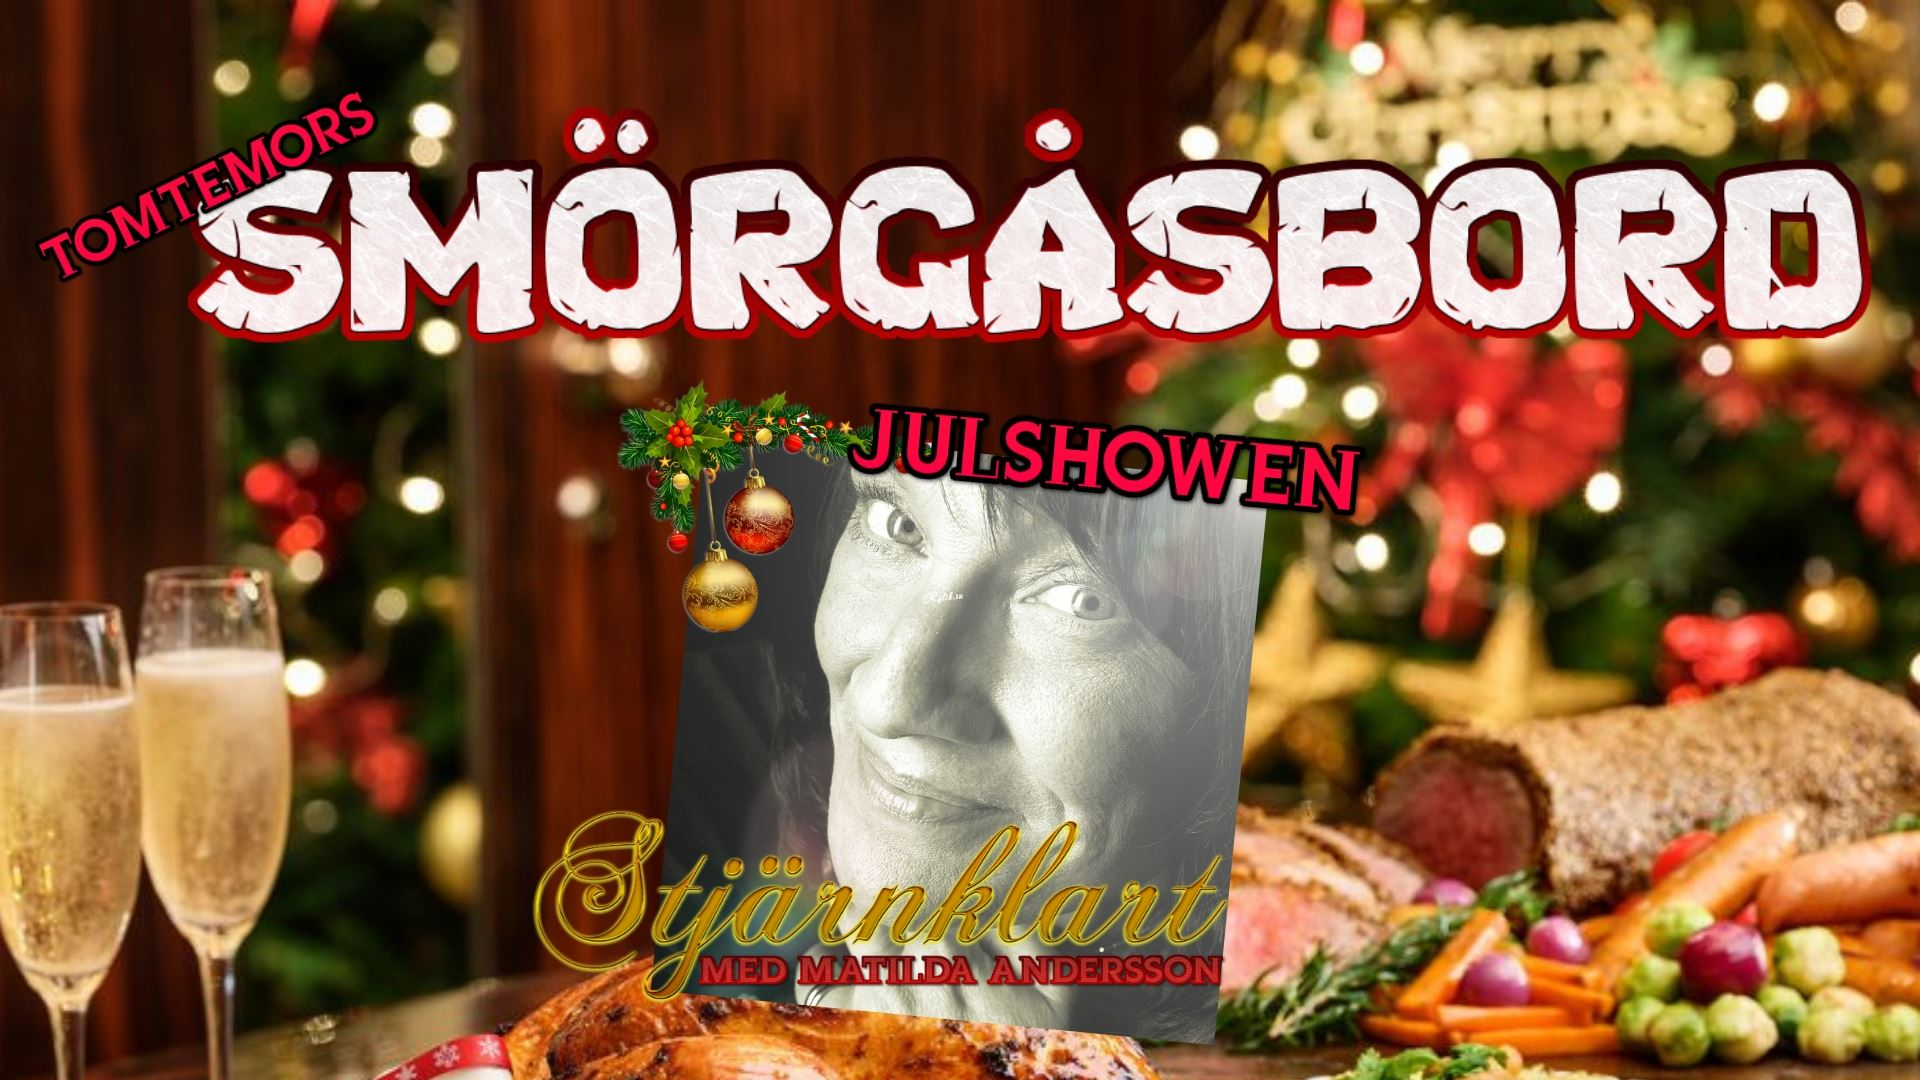 Julshowen Stjärnklart med Matilda Andersson och Tomtemors Smörgåsbord